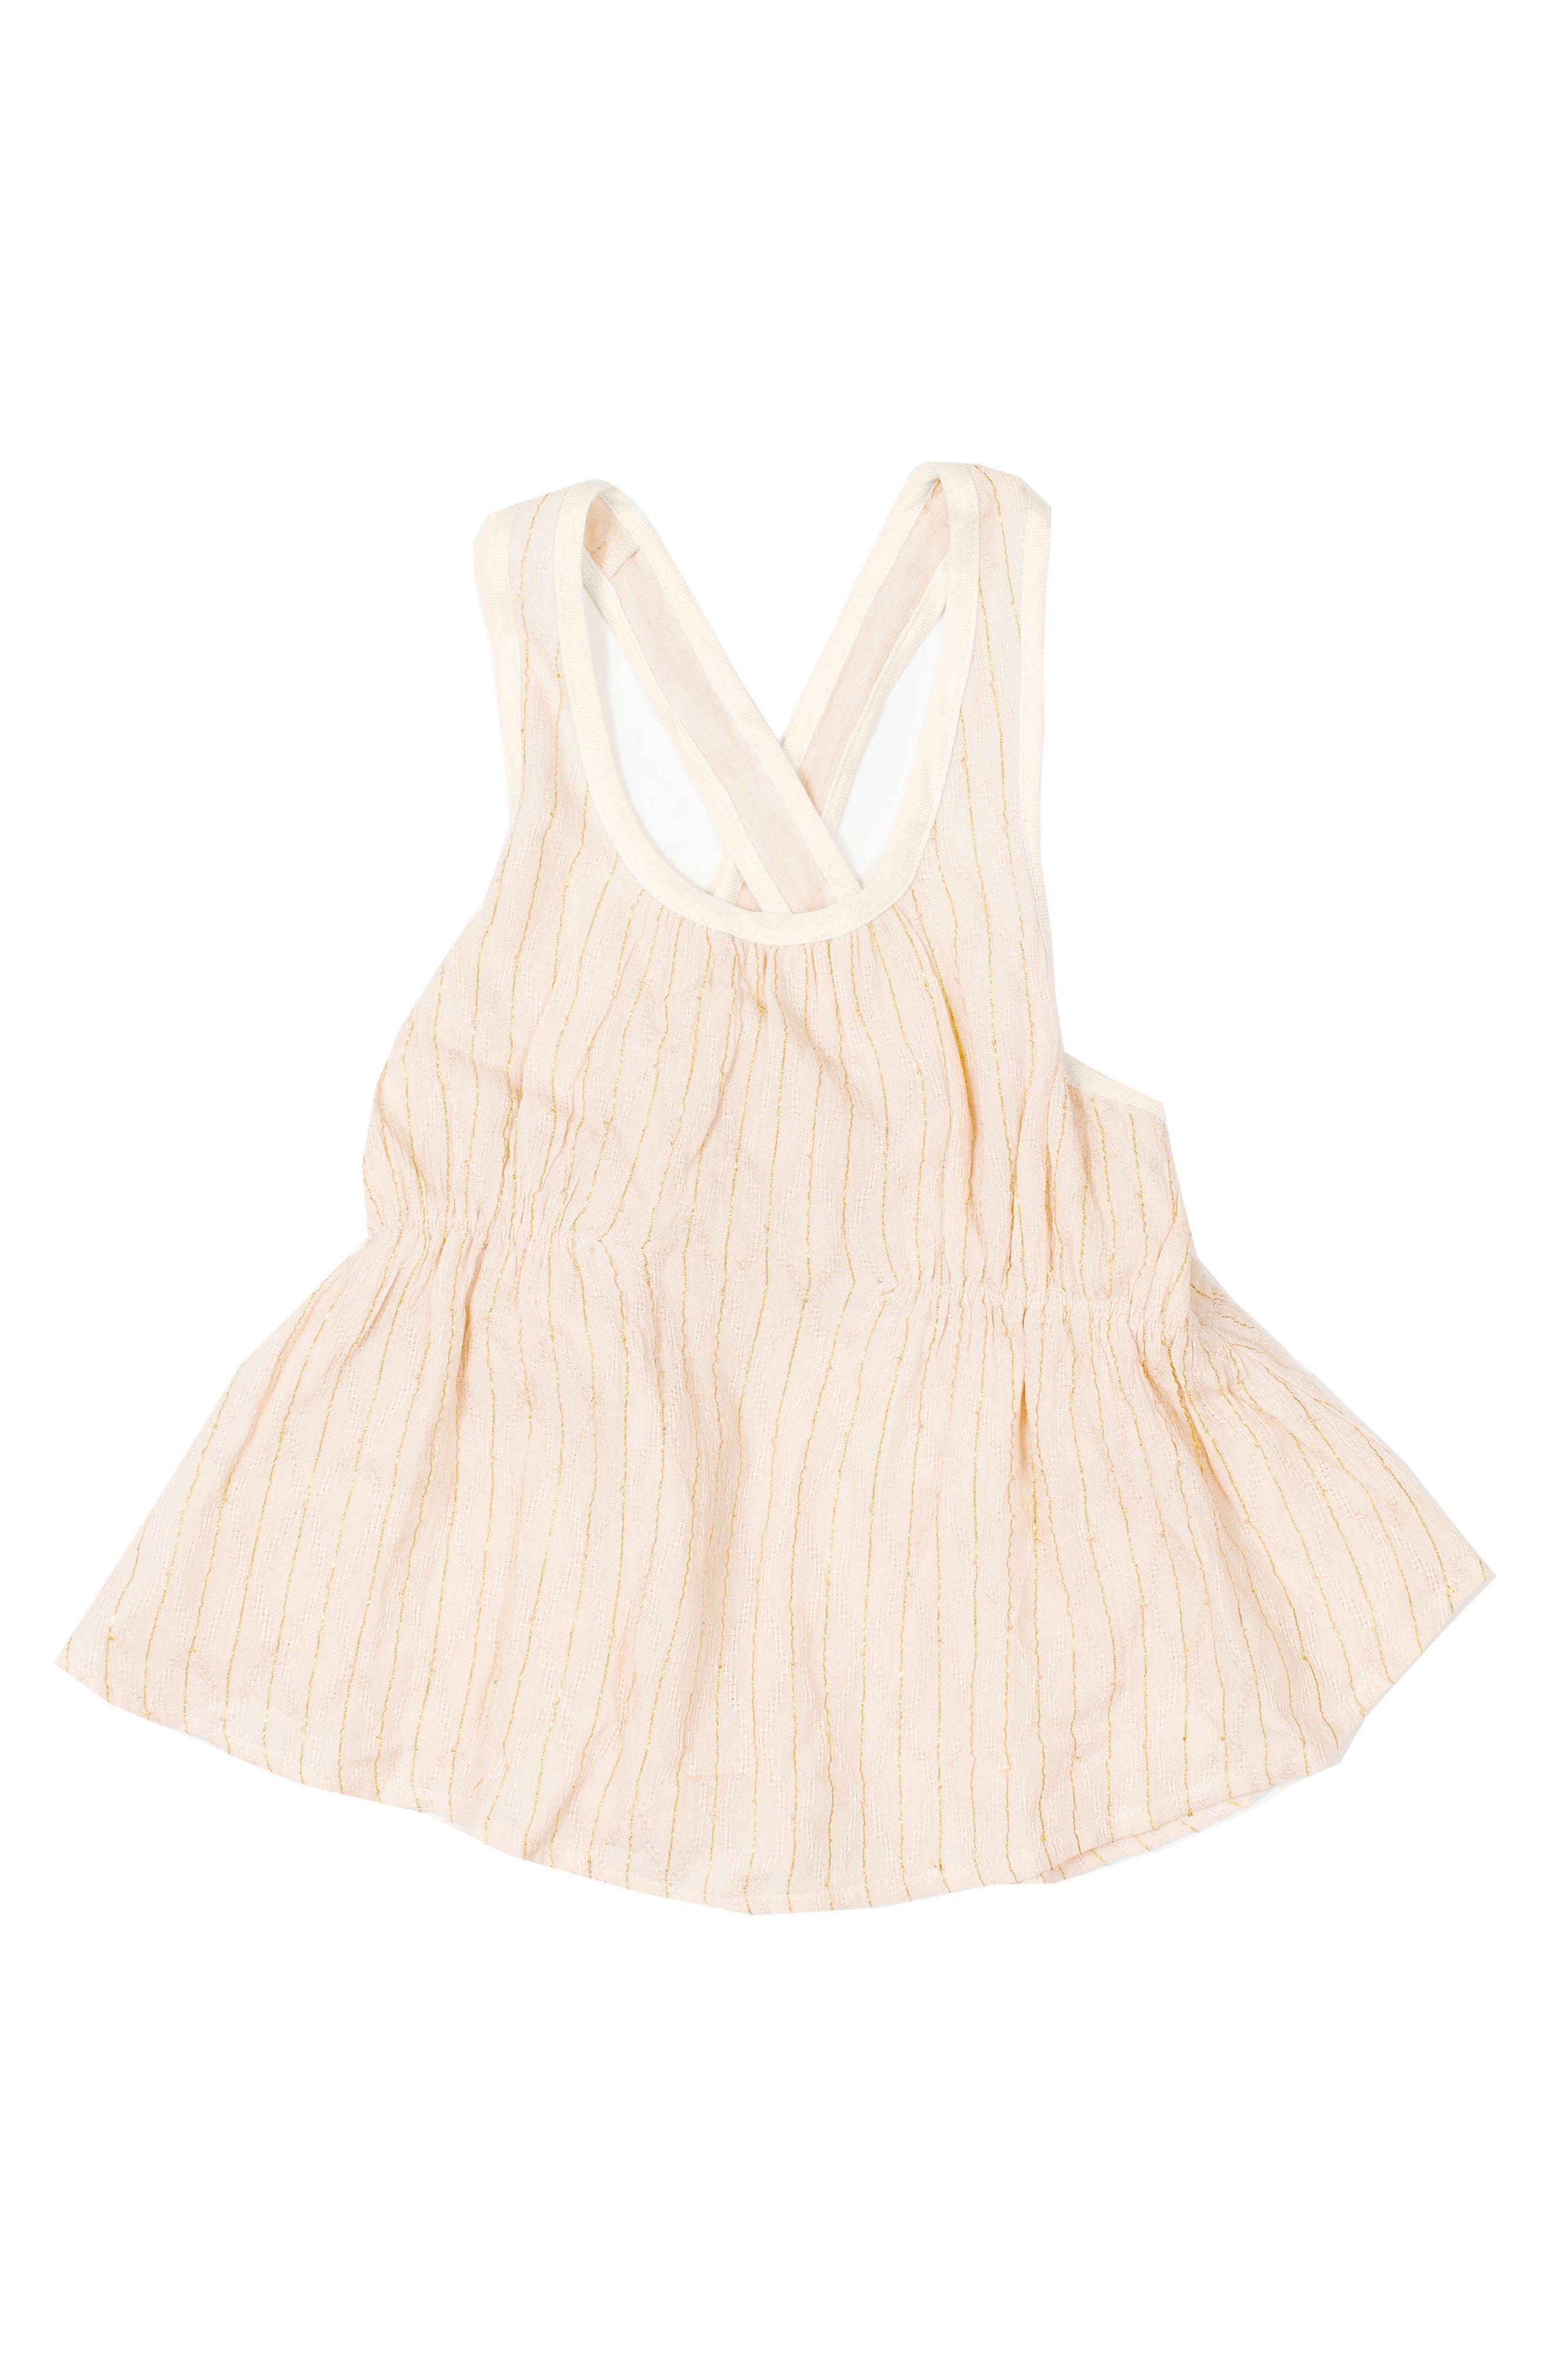 BOWIE X JAMES Aquarius Metallic Stripe Top (Toddler Girls, Little Girls & Big Girls)